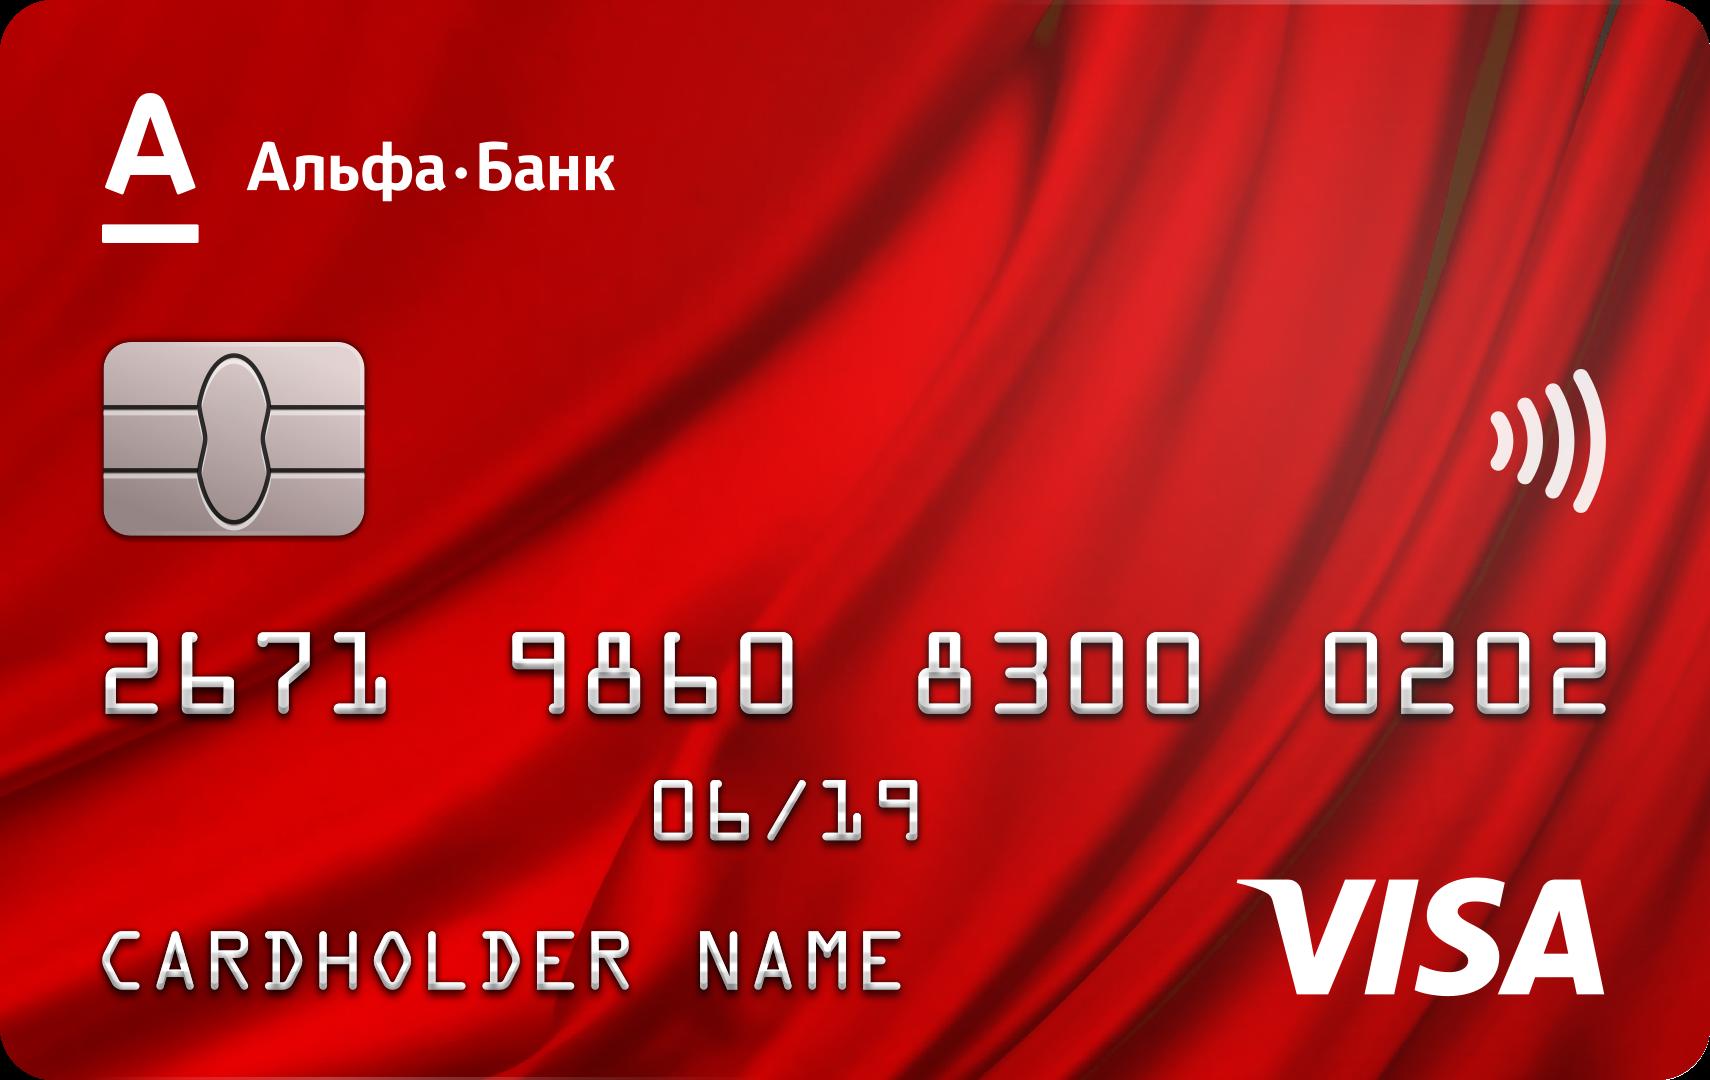 Хочу получить кредитную карту в казани потребительский кредит без залога и поручителей до 50000 тысяч рублей